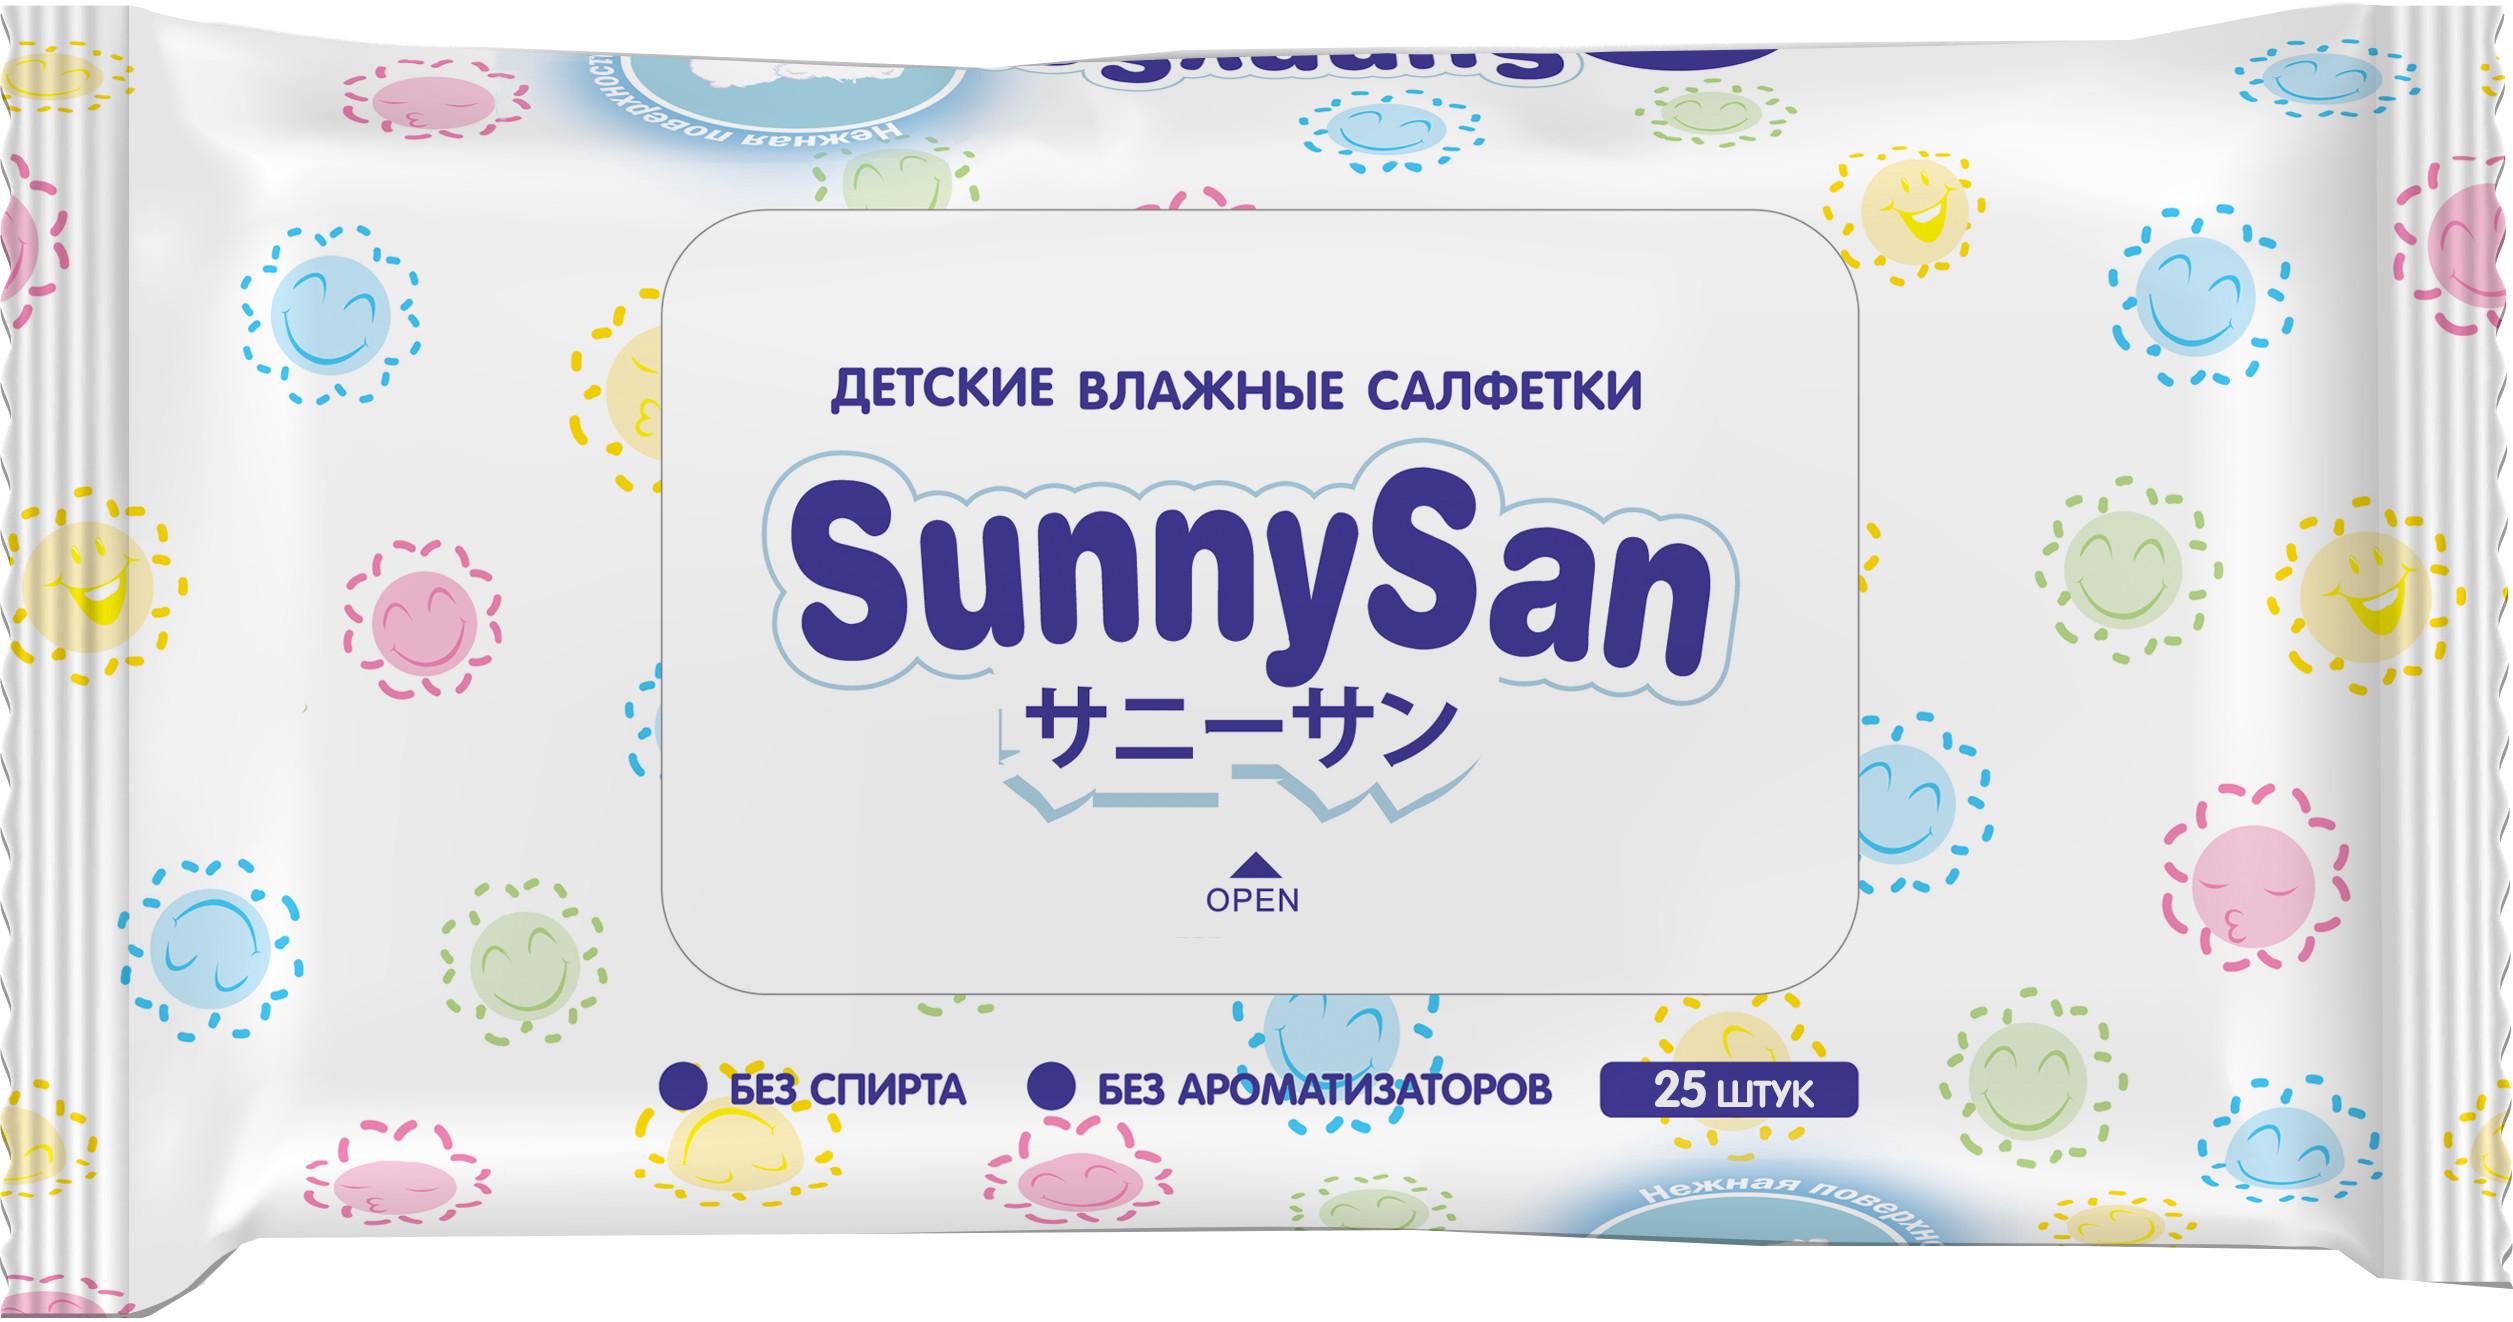 Влажные салфетки SunnySan 25 шт